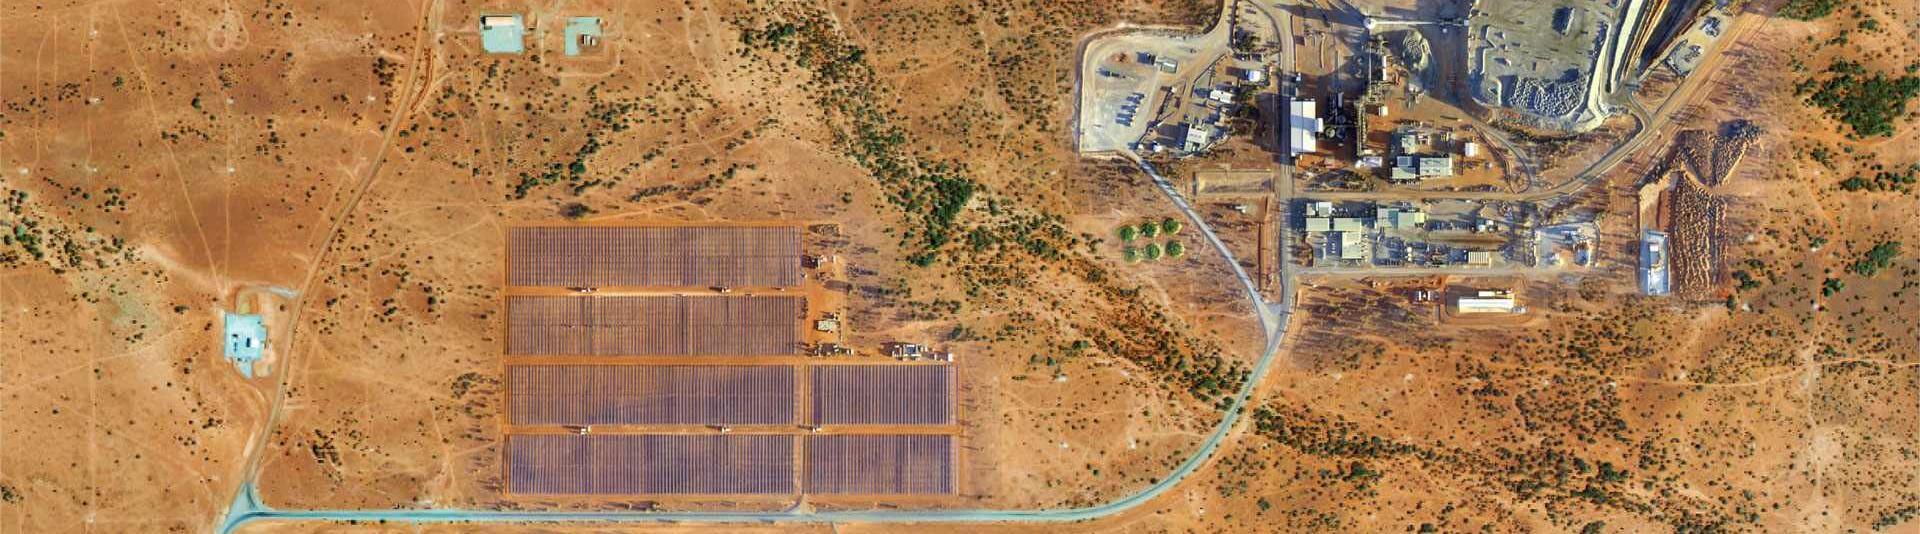 Juwi Australia Hybrid Amp Off Grid